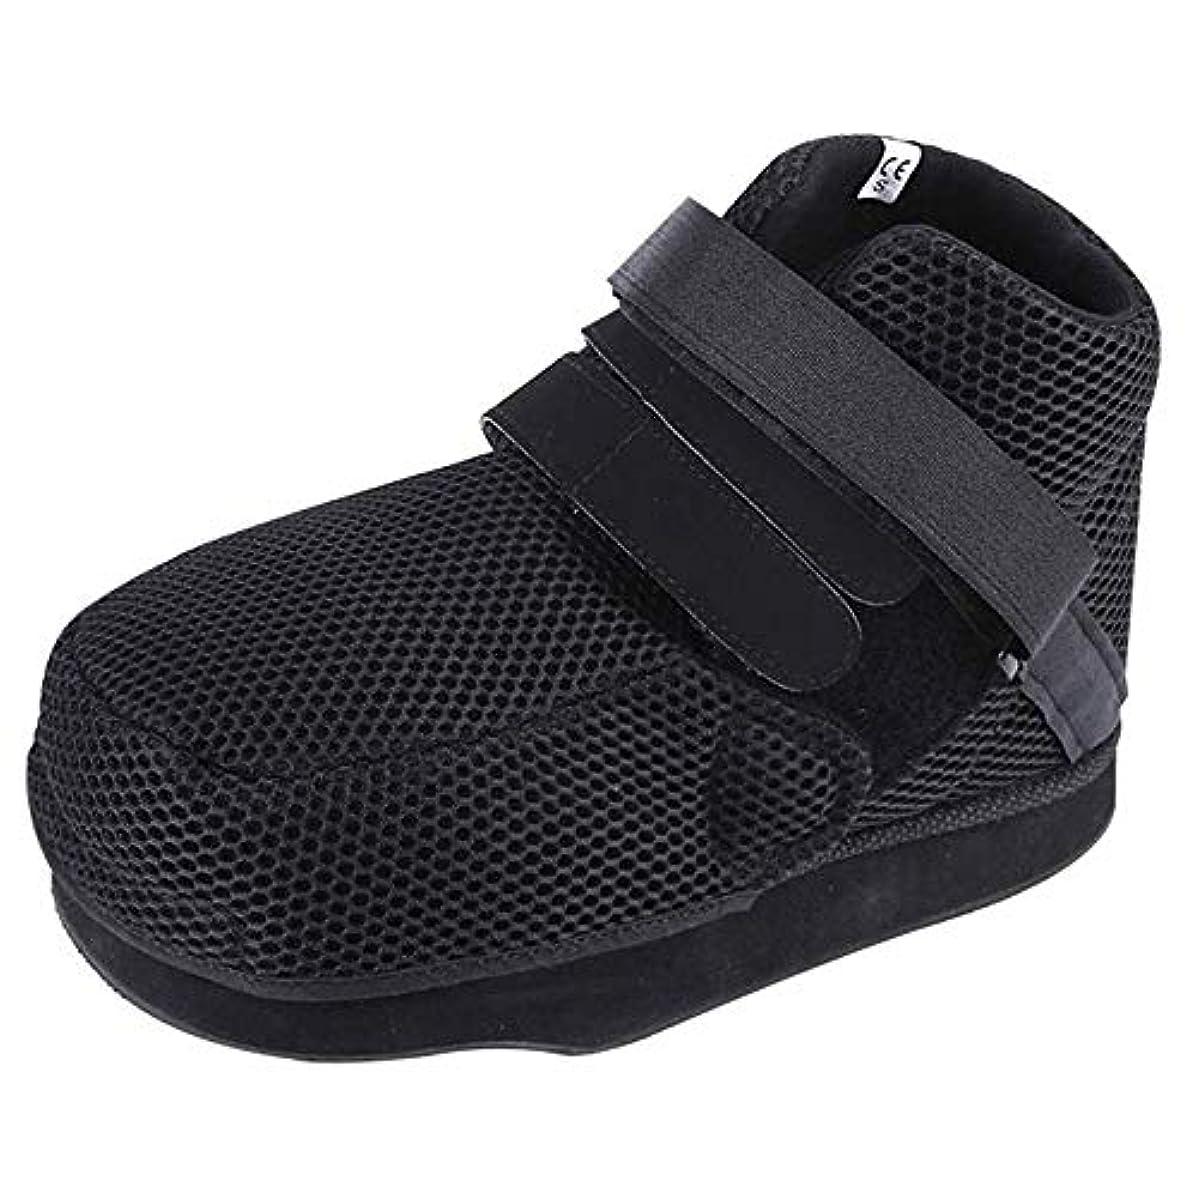 せせらぎについて矢印調節可能なストラップ付き術後靴 - 足の骨折のための術後靴保護キャストブーツの歩行 (Size : XS)